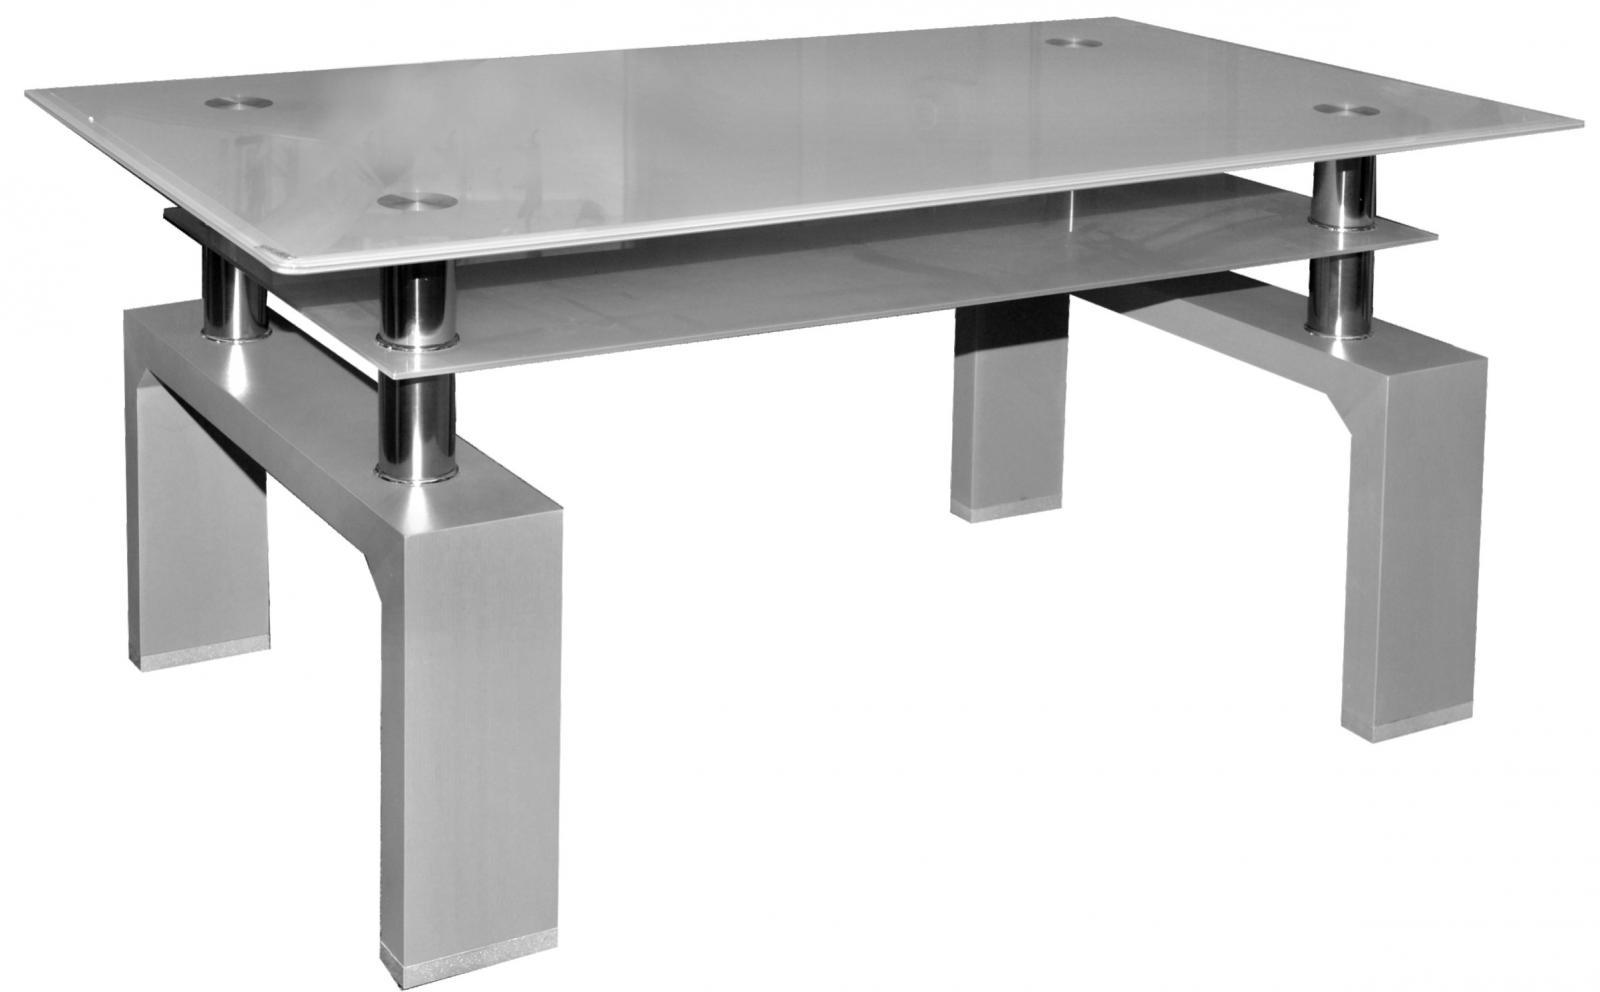 konferenční stolek A 08-3 šedá/šedé horní sklo - sleva